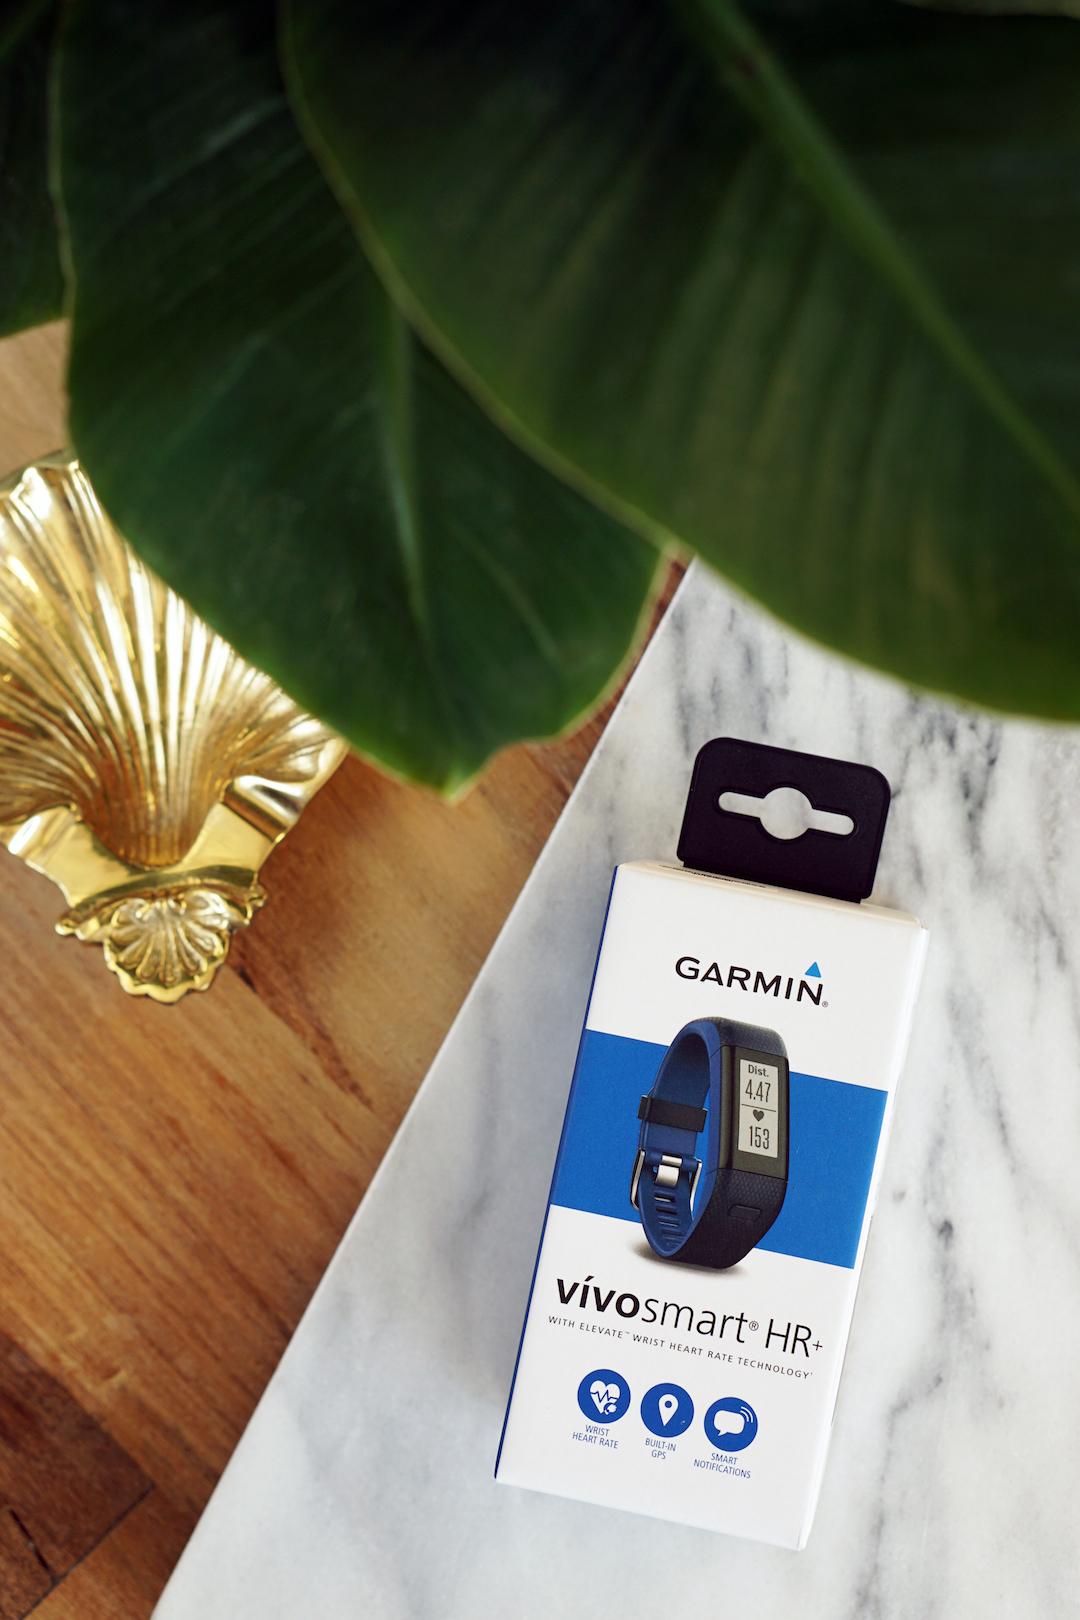 Garmin Vivosmart HR+ activity tracker review